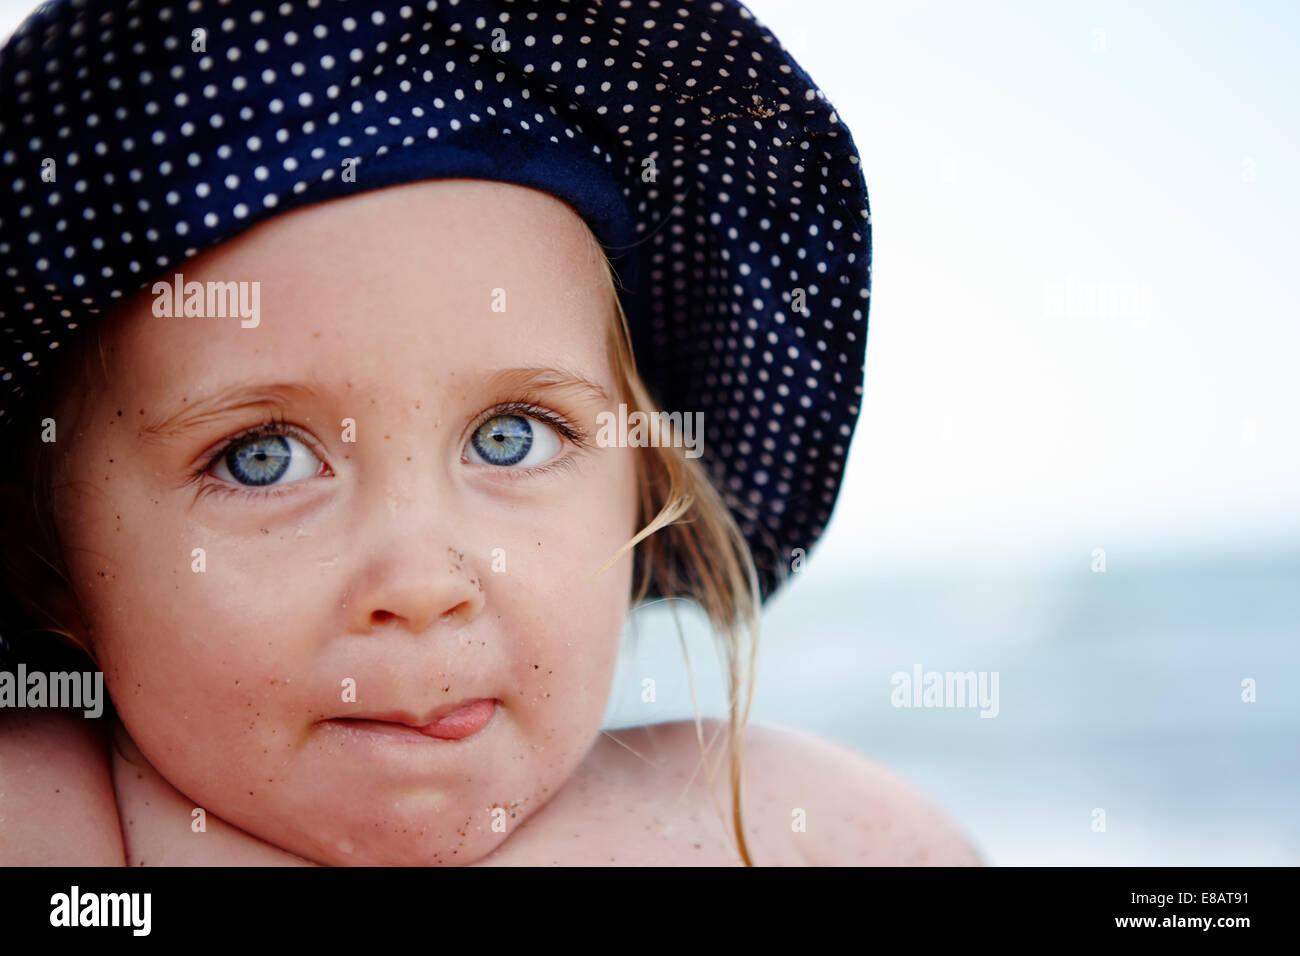 Junge Mädchen tragen nicht so doll Hut, Porträt Stockbild